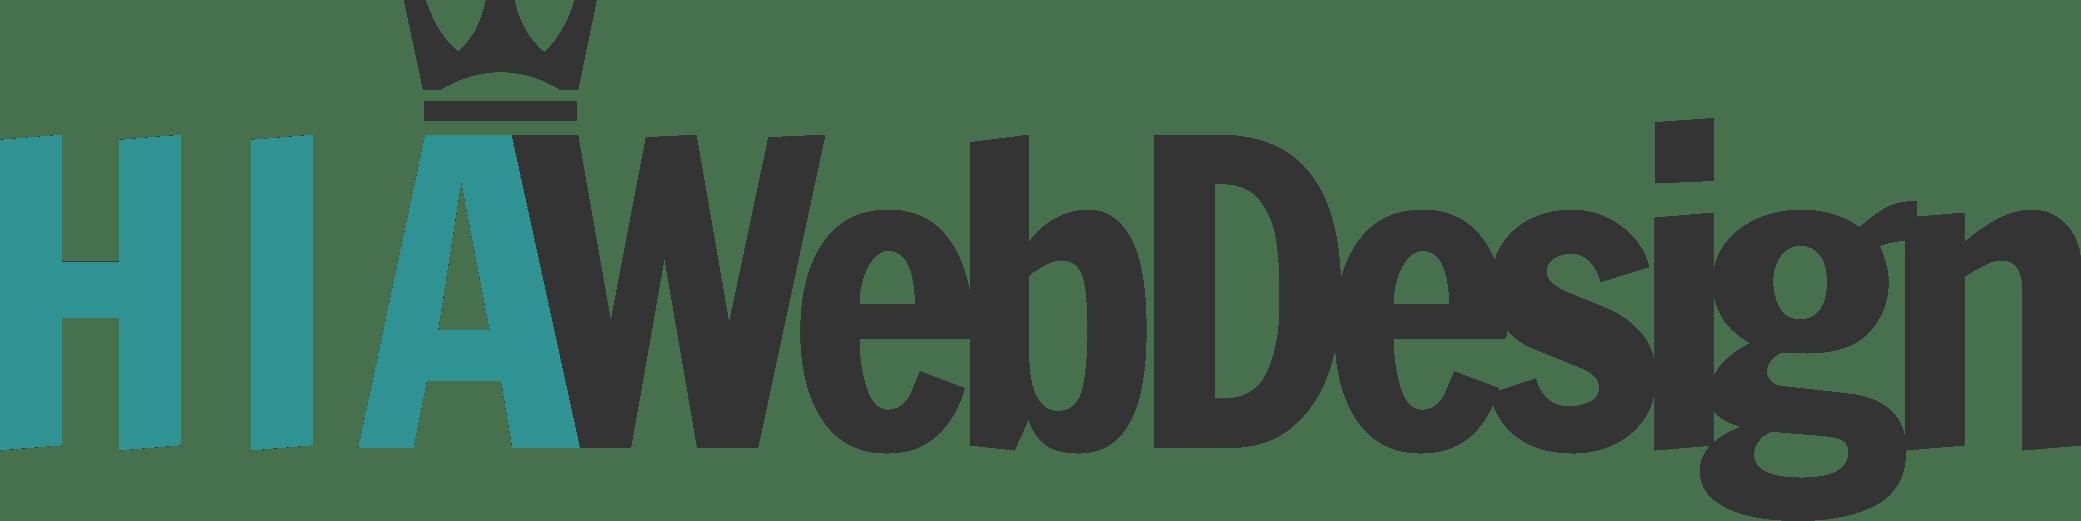 Web Design Manchester | Affordable Website Design | HIA Web Design